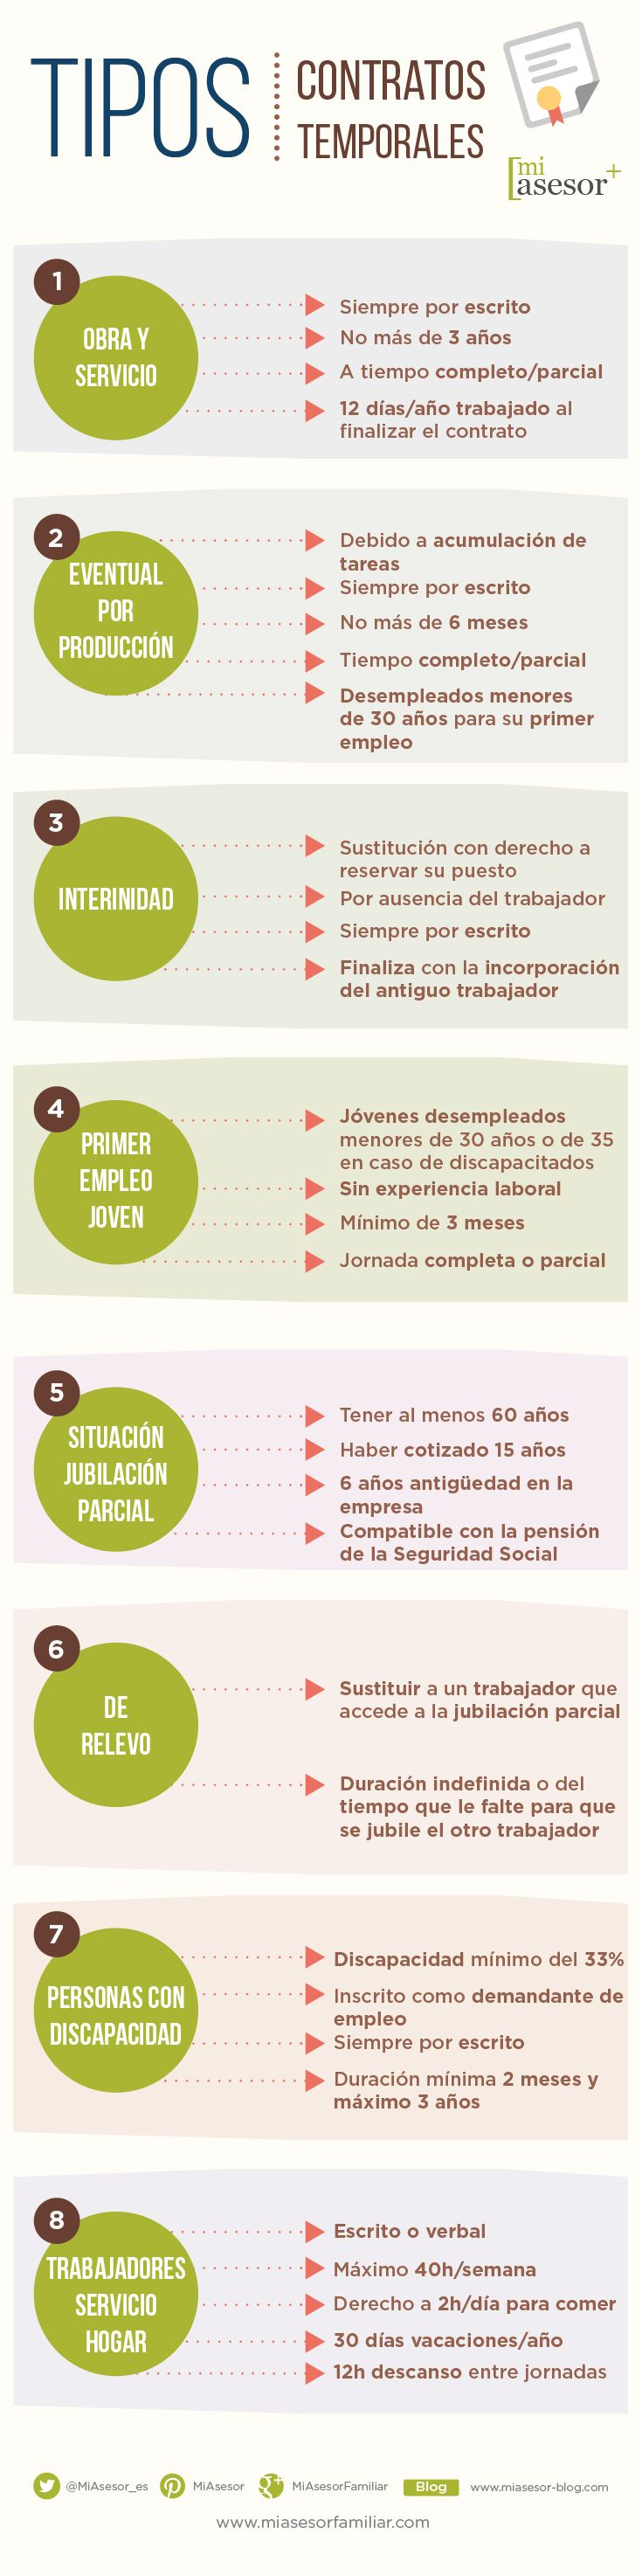 En MiAsesor hemos preparado una infografía con todos los tipos de contrato temporal que hay en España.